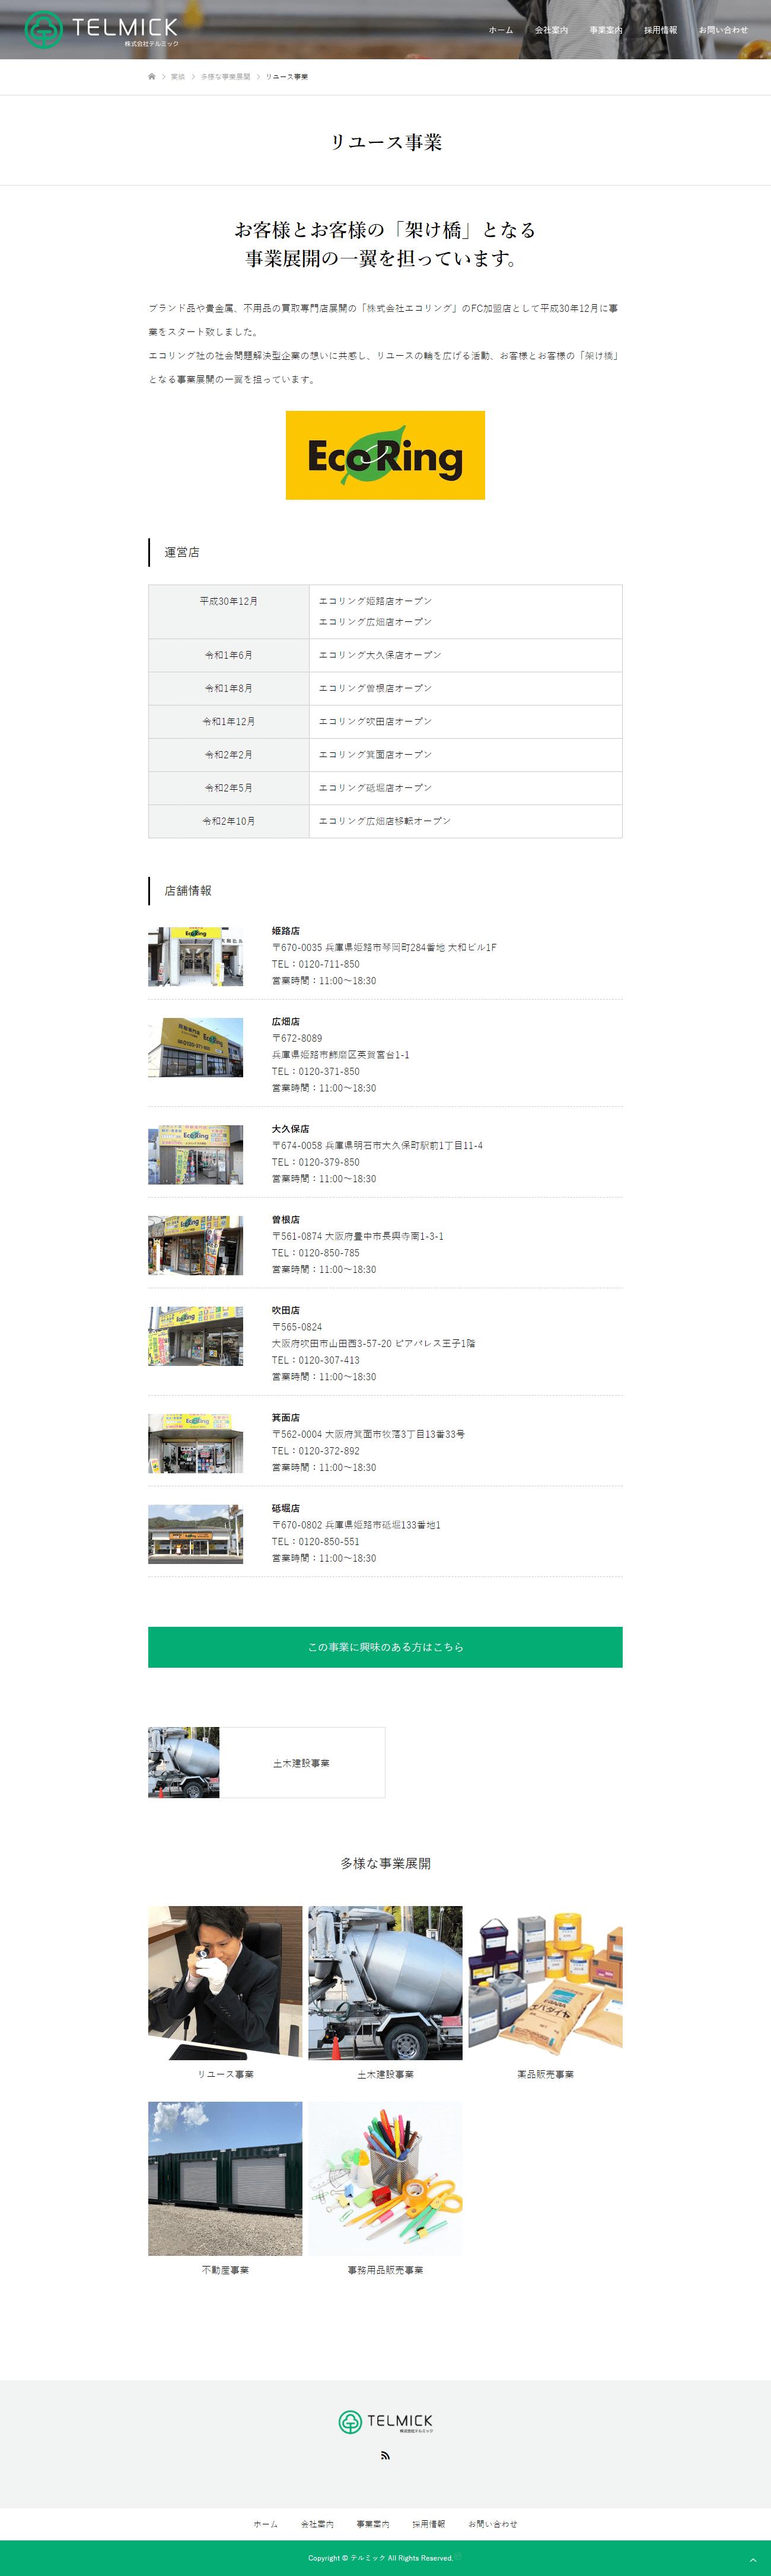 姫路市 株式会社テルミック ホームページ制作2